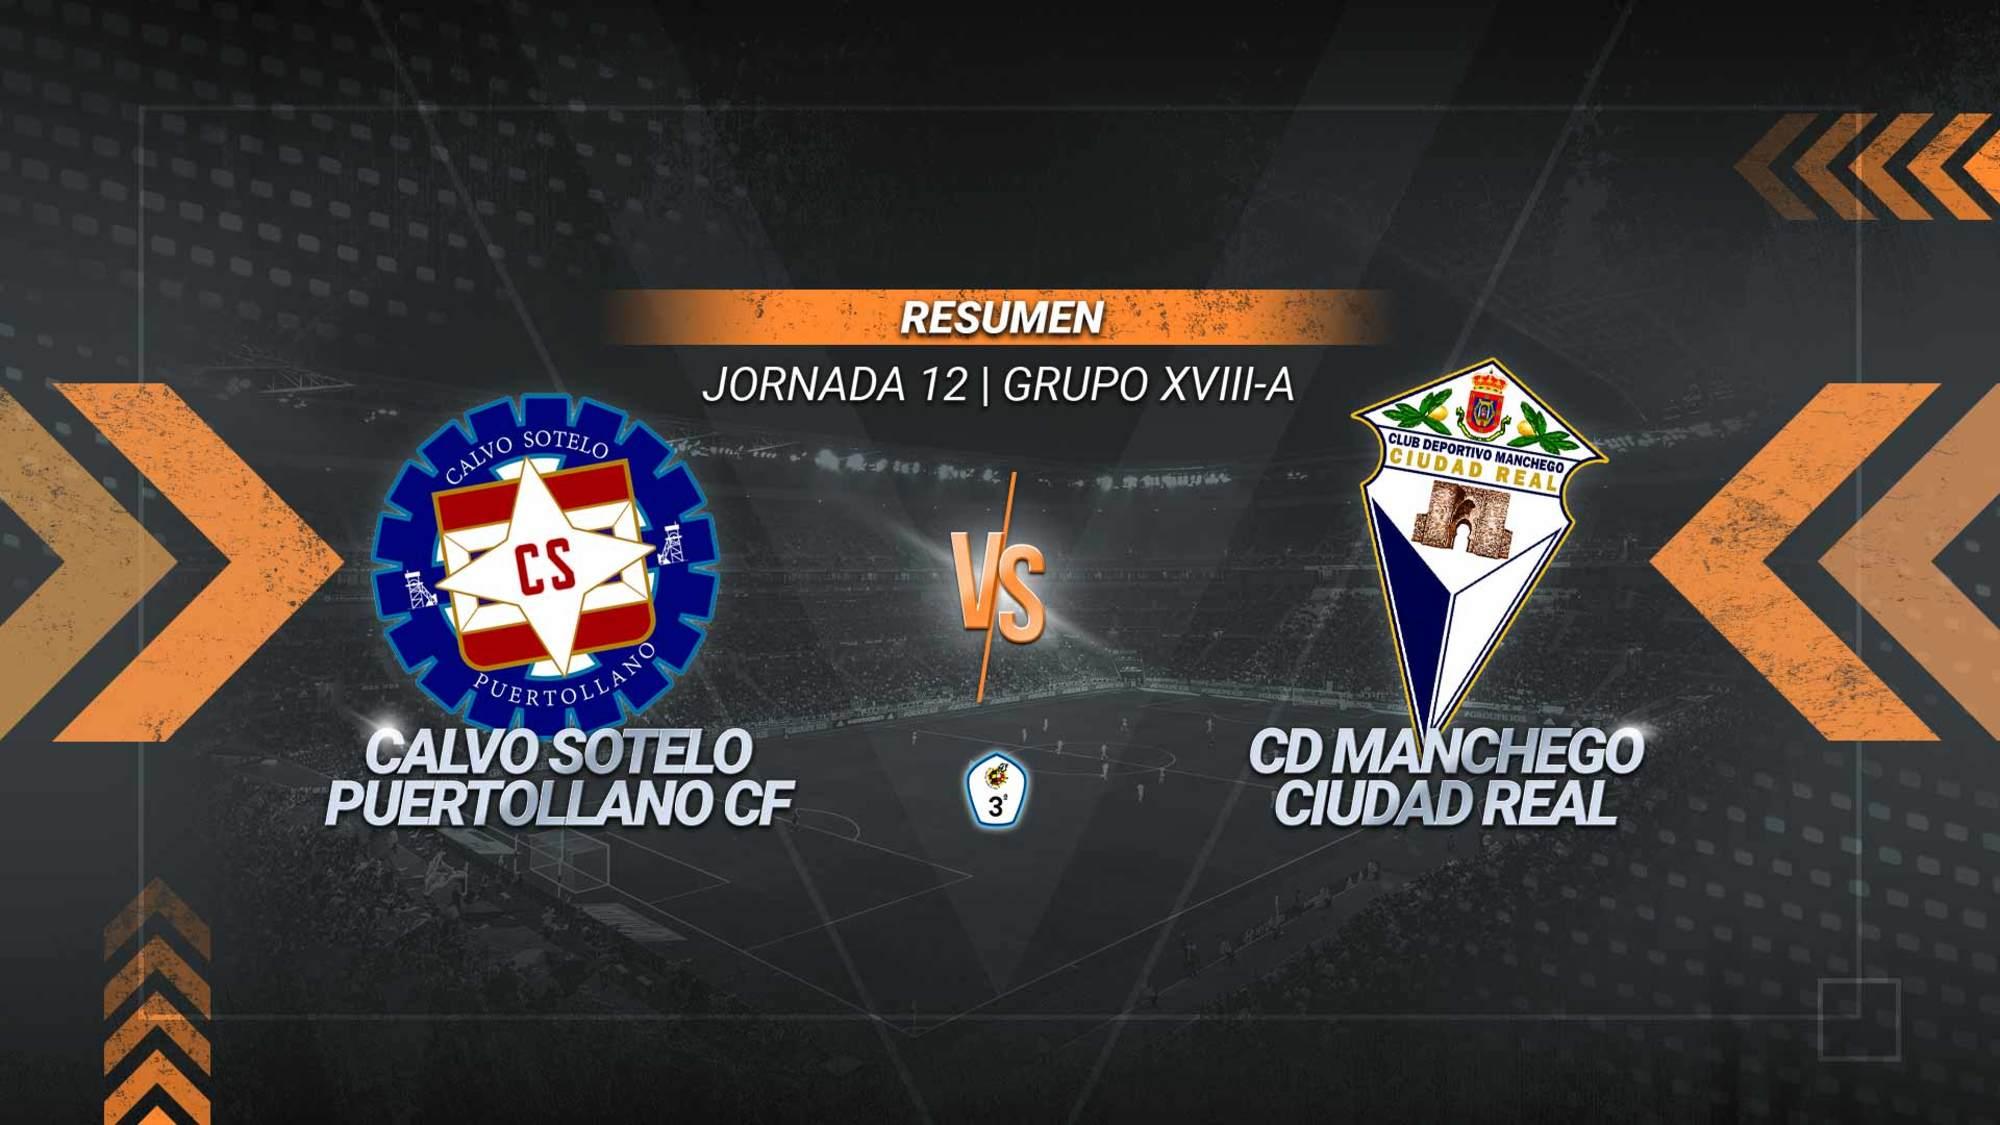 Calvo Sotelo y Manchego igualan en un entretenido derbi provincial. Juanfri adelantó a los industriales y Castro, desde el punto de penalti, igualó cinco minutos después para los mancheguistas.